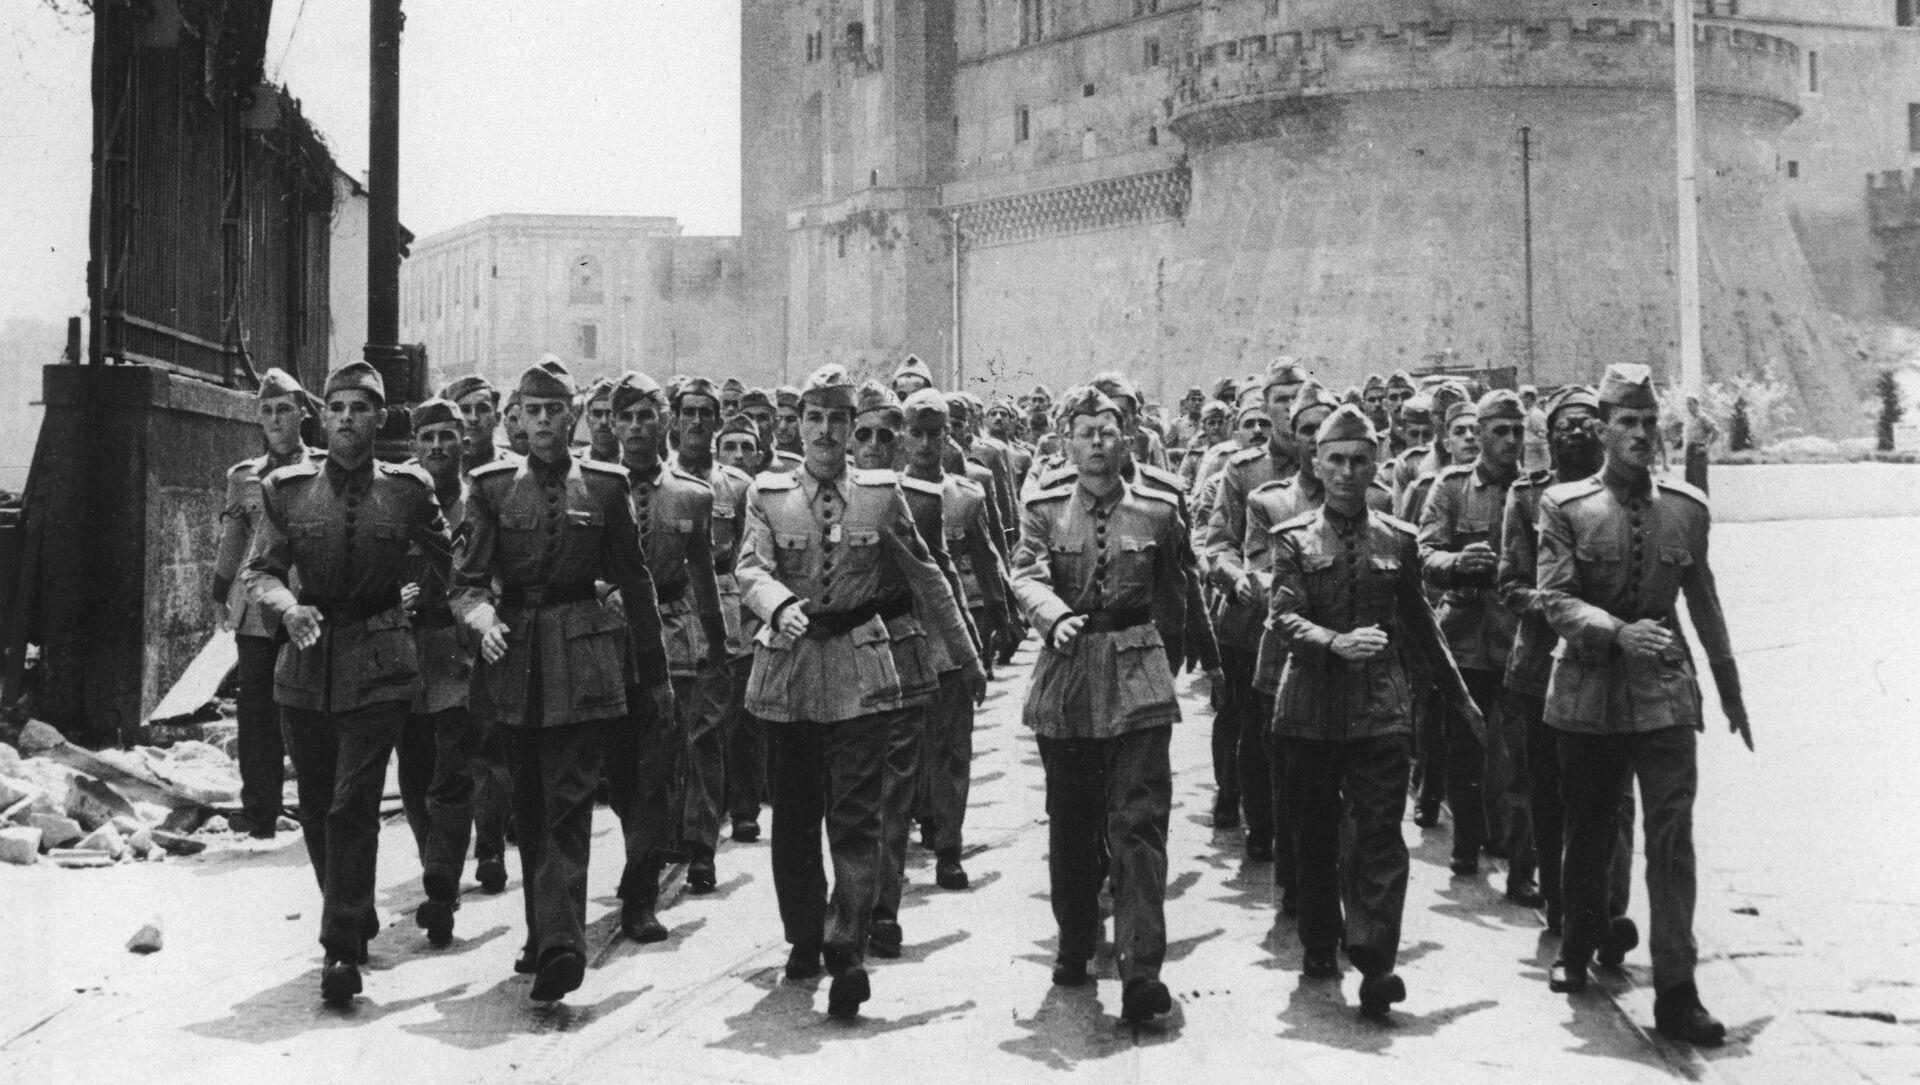 Soldados de la Fuerza Expedicionaria Brasileña (FEB) marchan a través del puerto de Nápoles, en julio de 1944 - Sputnik Mundo, 1920, 08.05.2020